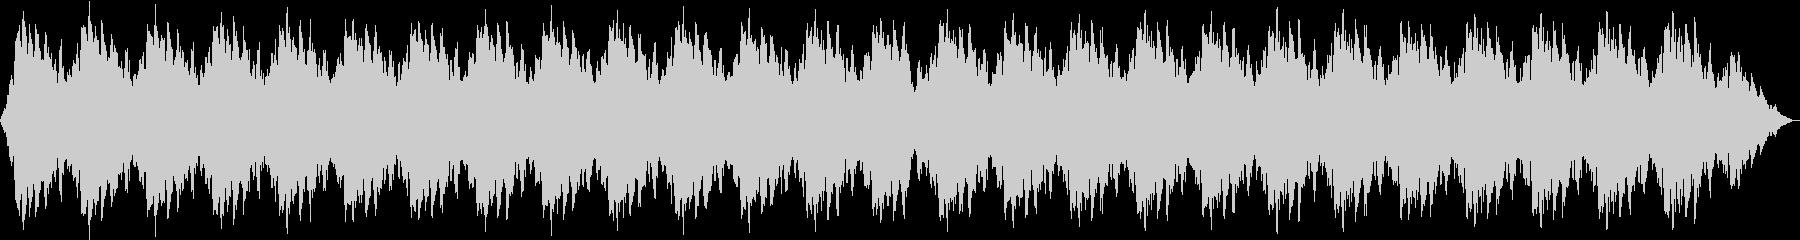 魔法詠唱、魔法発動、独白 11の未再生の波形